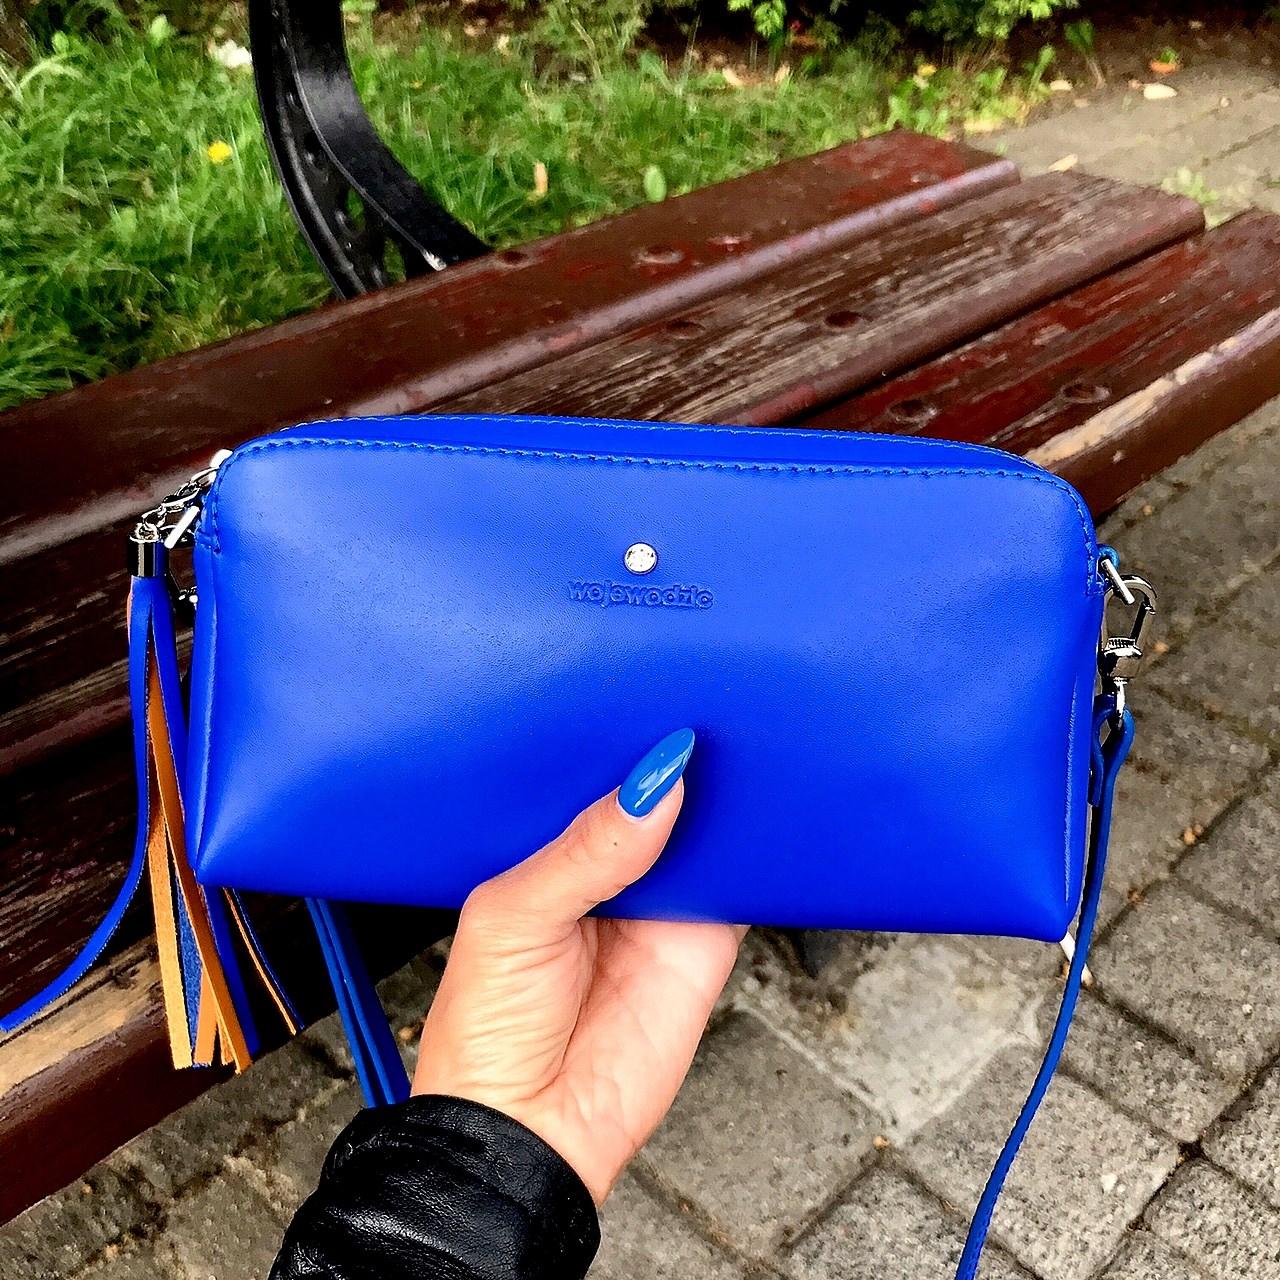 Mała niebieska torebka Wojewodzic, Wojewodzic czy warto